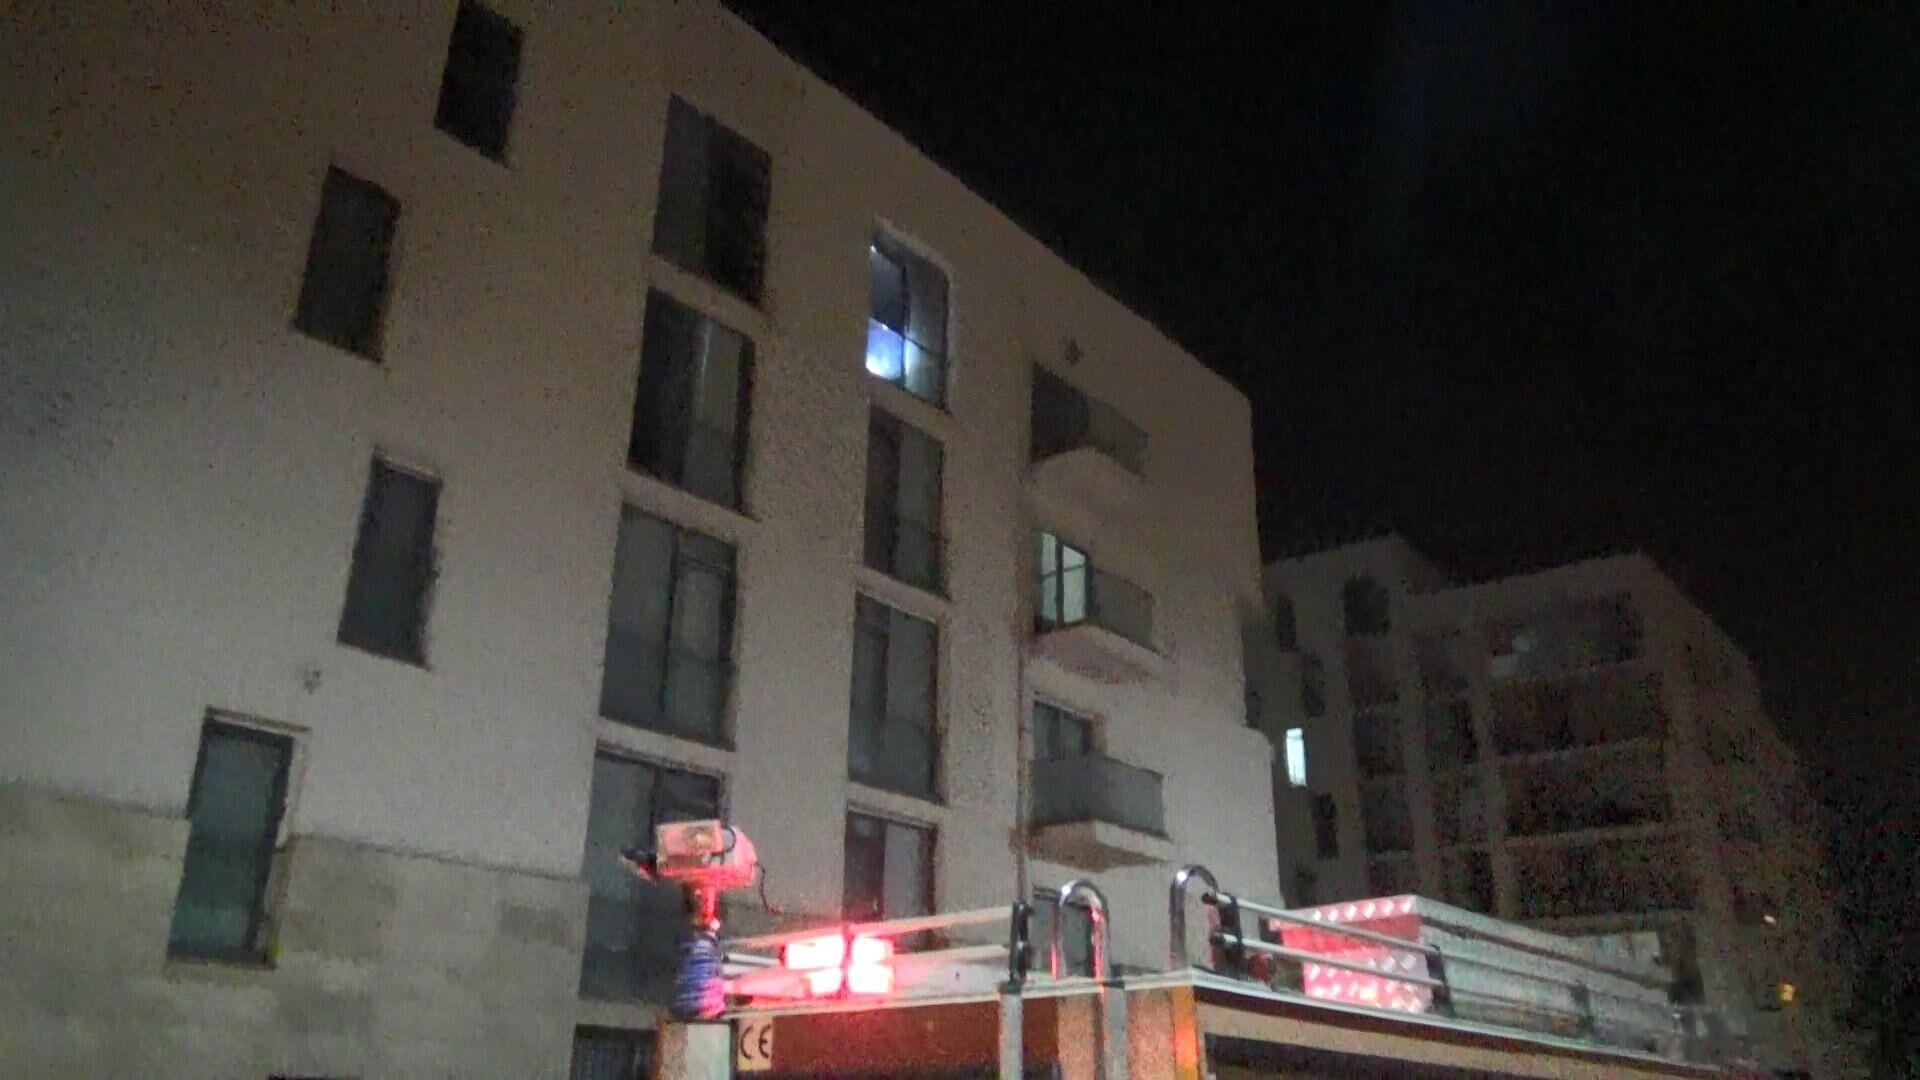 Diyarbakır'da bir kişi evini ateşe verdikten sonra kapıyı da kilitleyip dışarı çıktı - Sputnik Türkiye, 1920, 16.08.2021